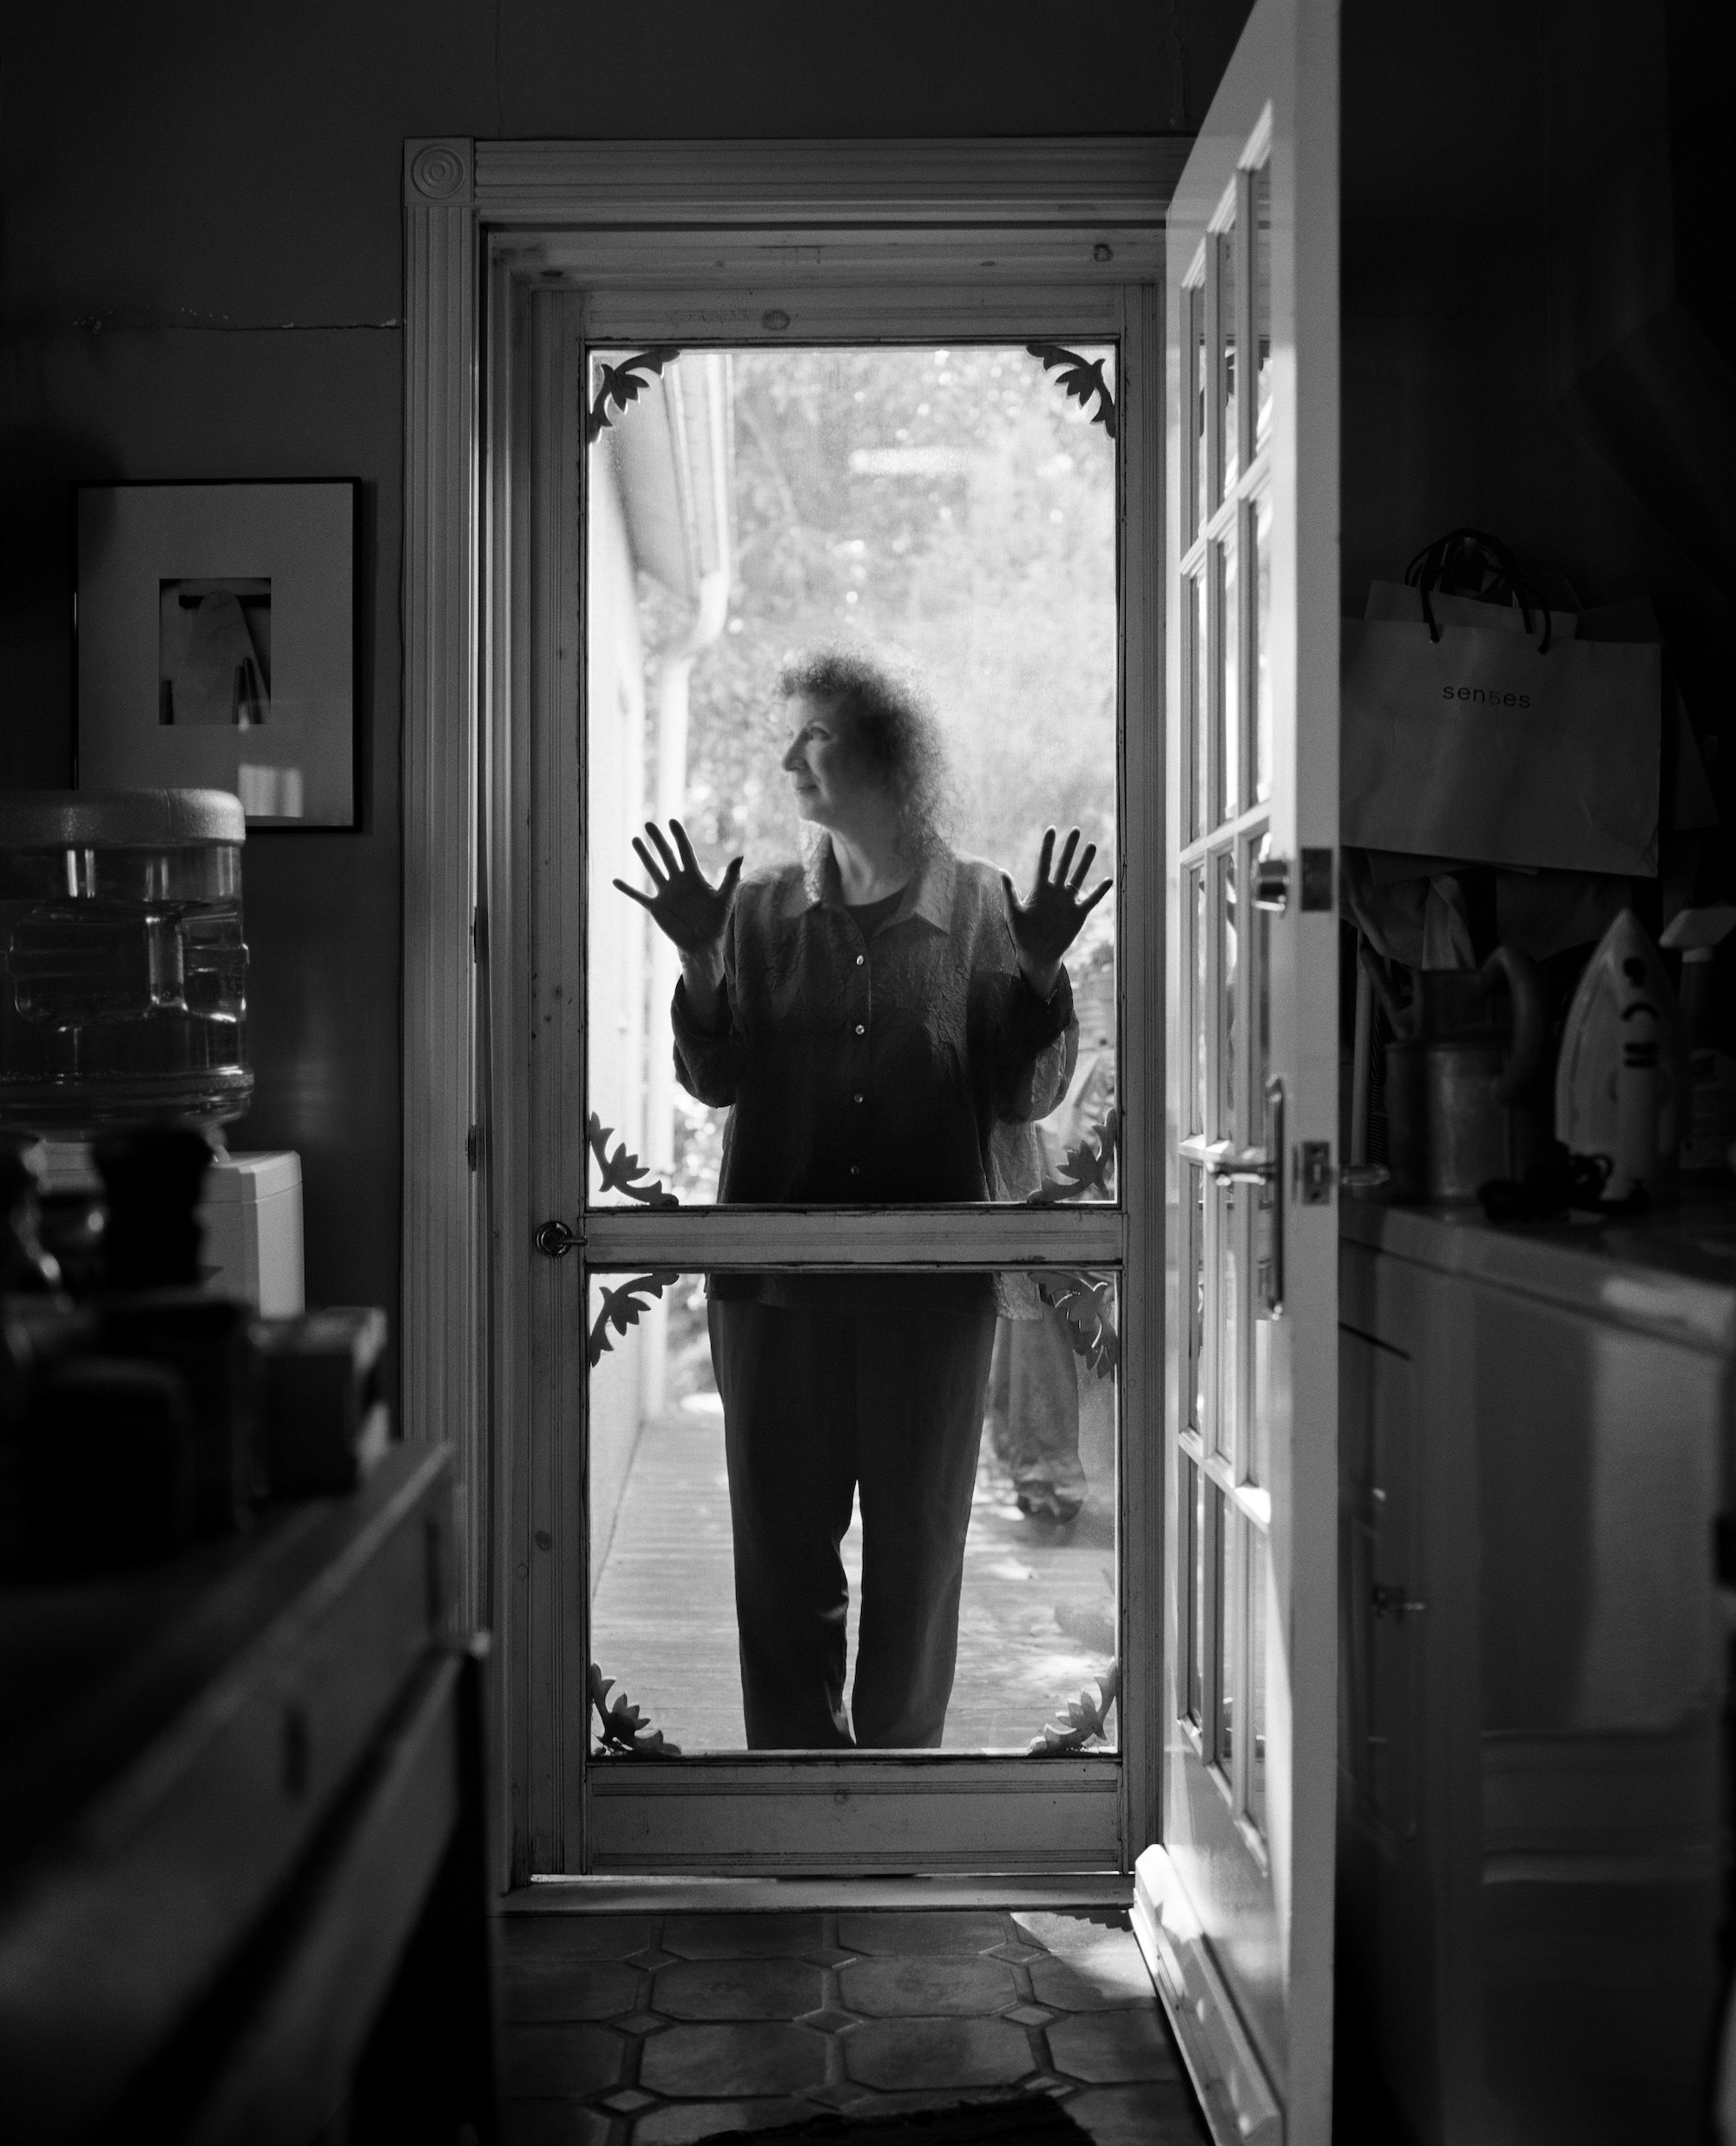 Margaret_Atwood_frames_9_10_11_V5_JORGE_V3_UNEASY